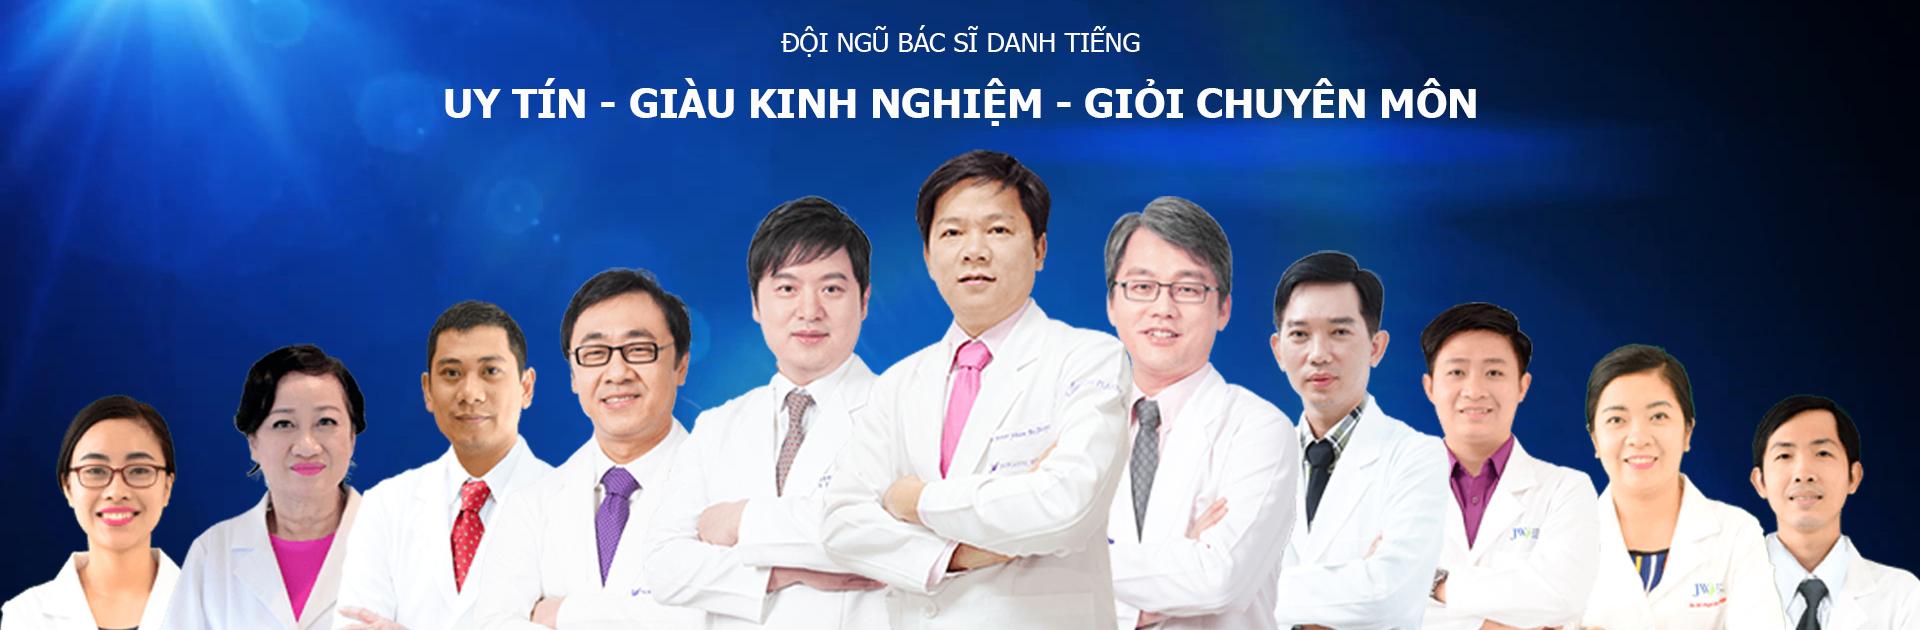 Nâng ngực uy tín tại thành phố Hồ Chí Minh